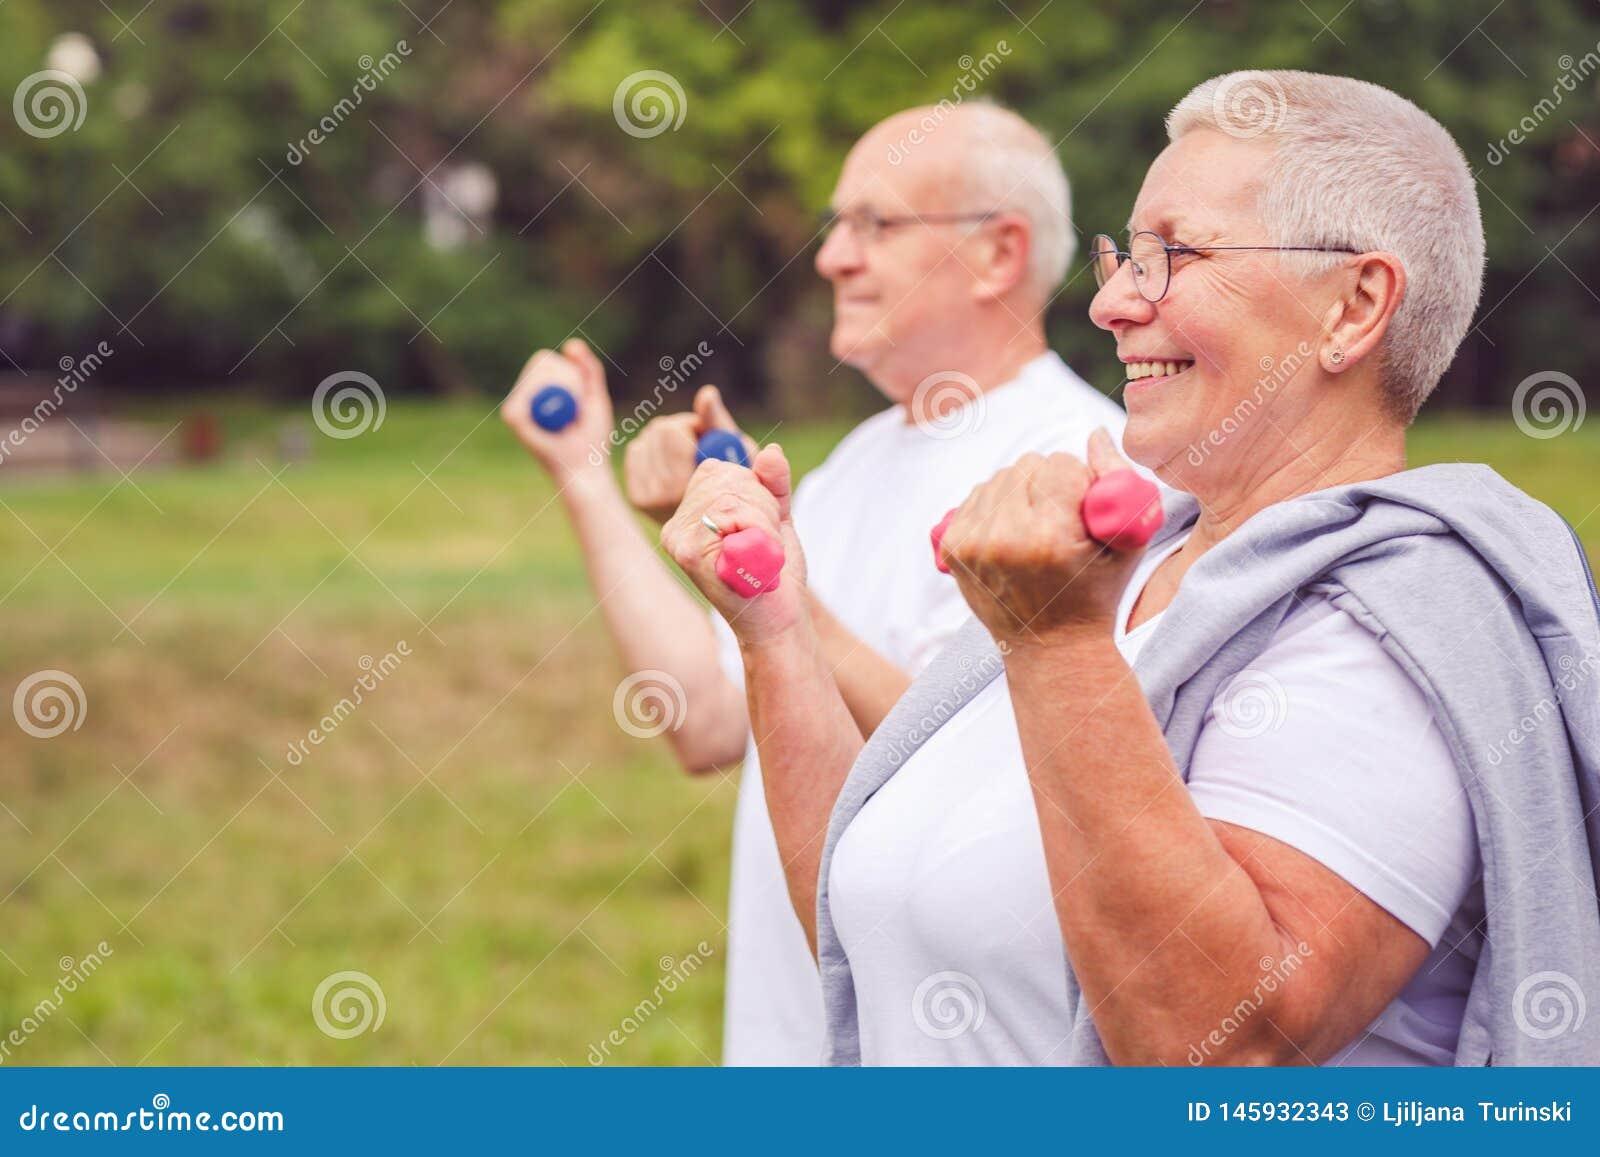 Zusammen verbessern wir Training - lächelnde ältere Paarpraxis mit Dummköpfen